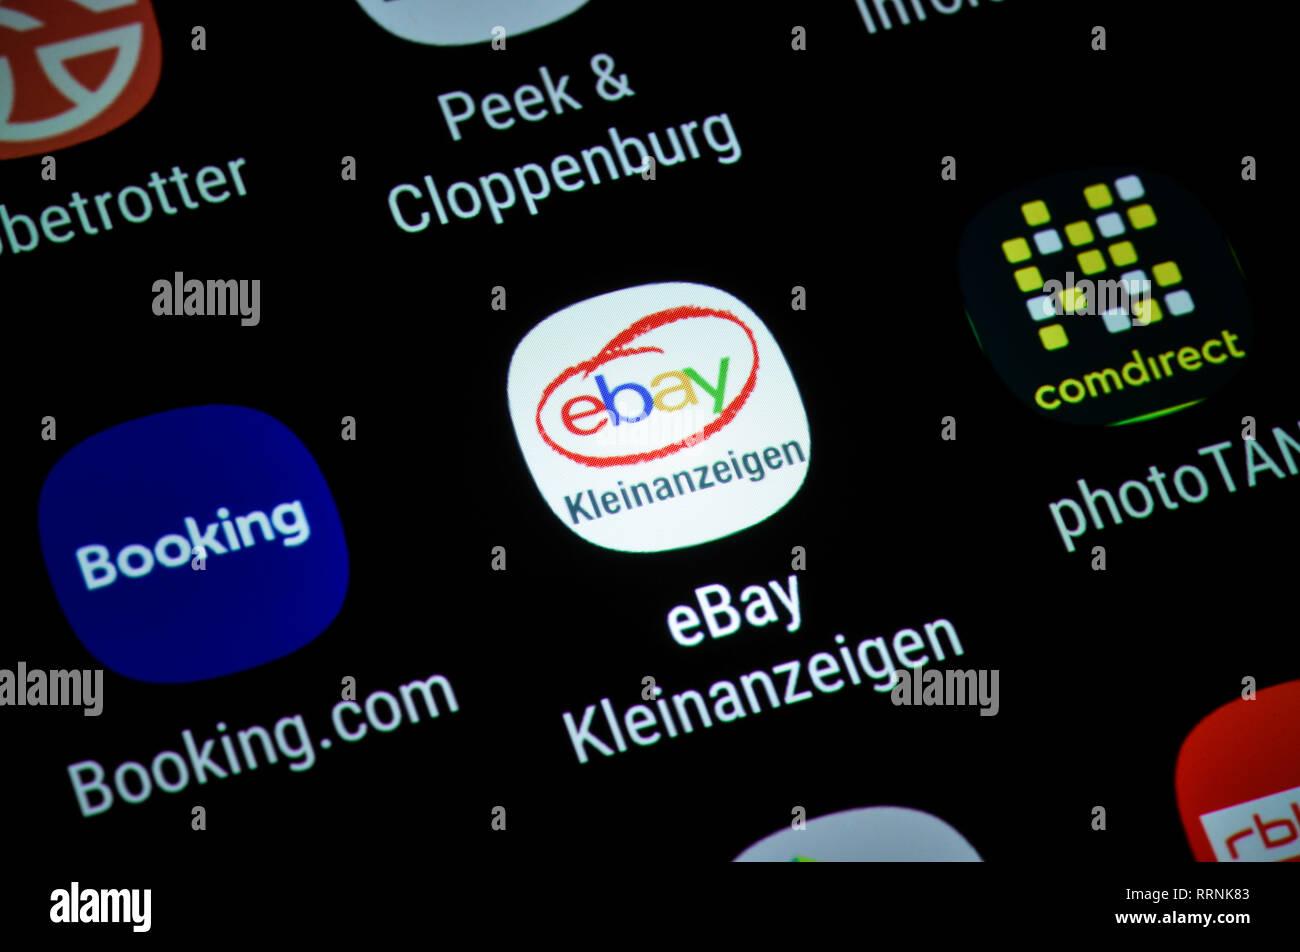 Smartphone Display Ext Ebay Classified Ads Display App Ebay Kleinanzeigen Stock Photo Alamy